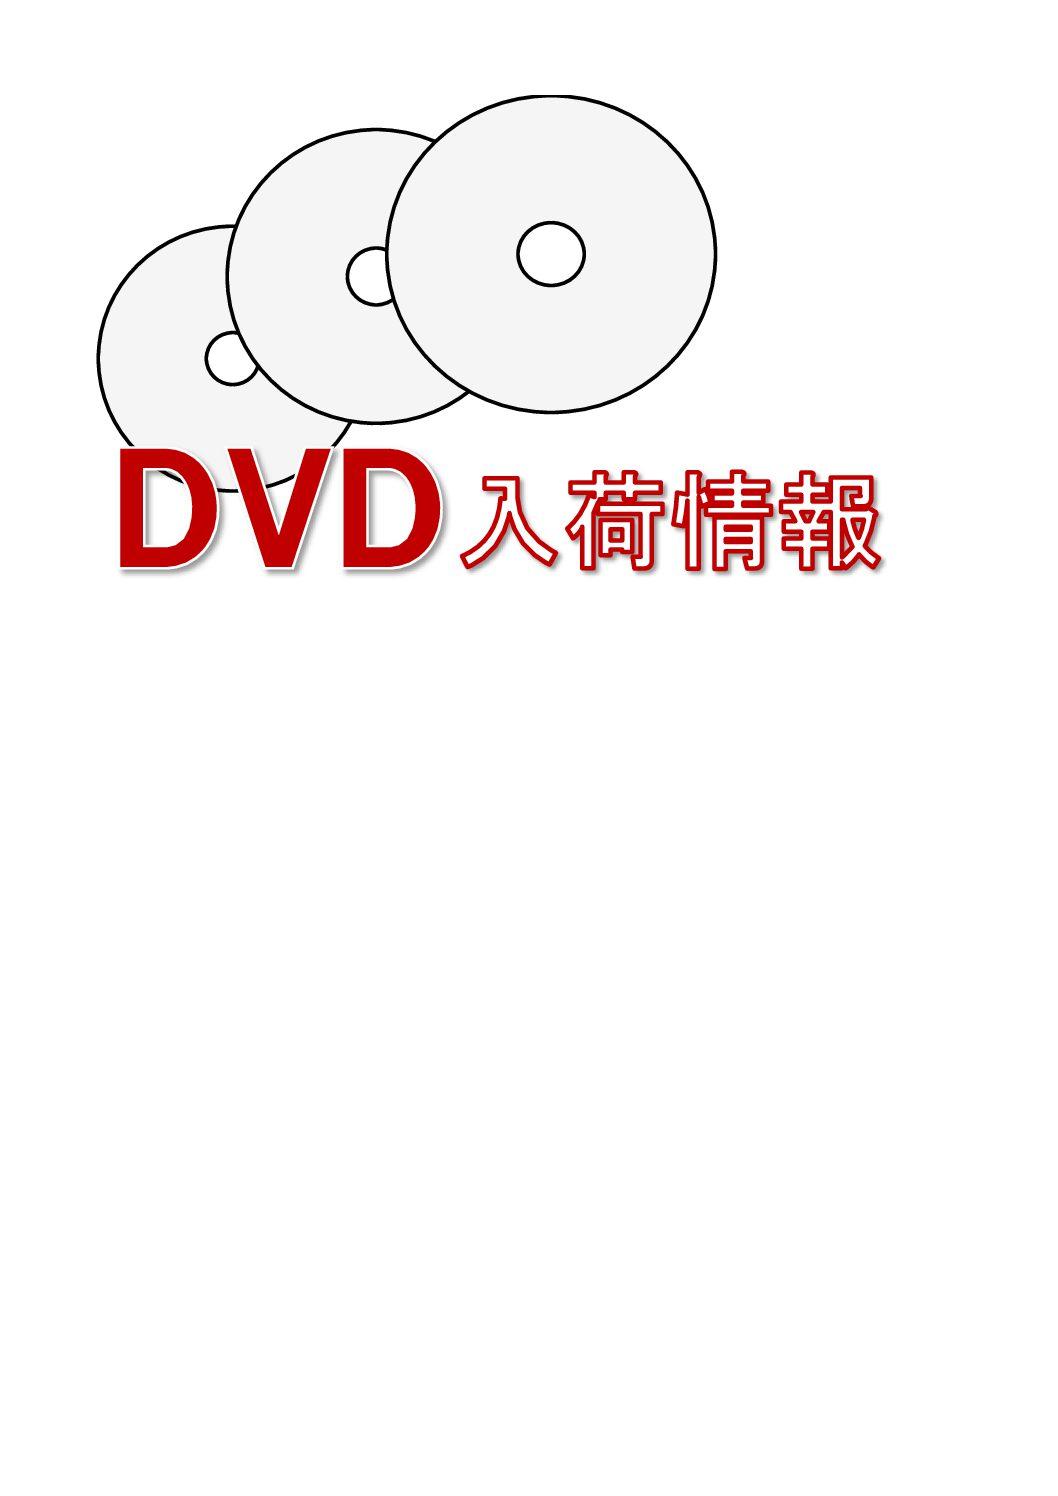 【NEW】レンタル用中古 アダルトDVD アソートセット 【b-18】